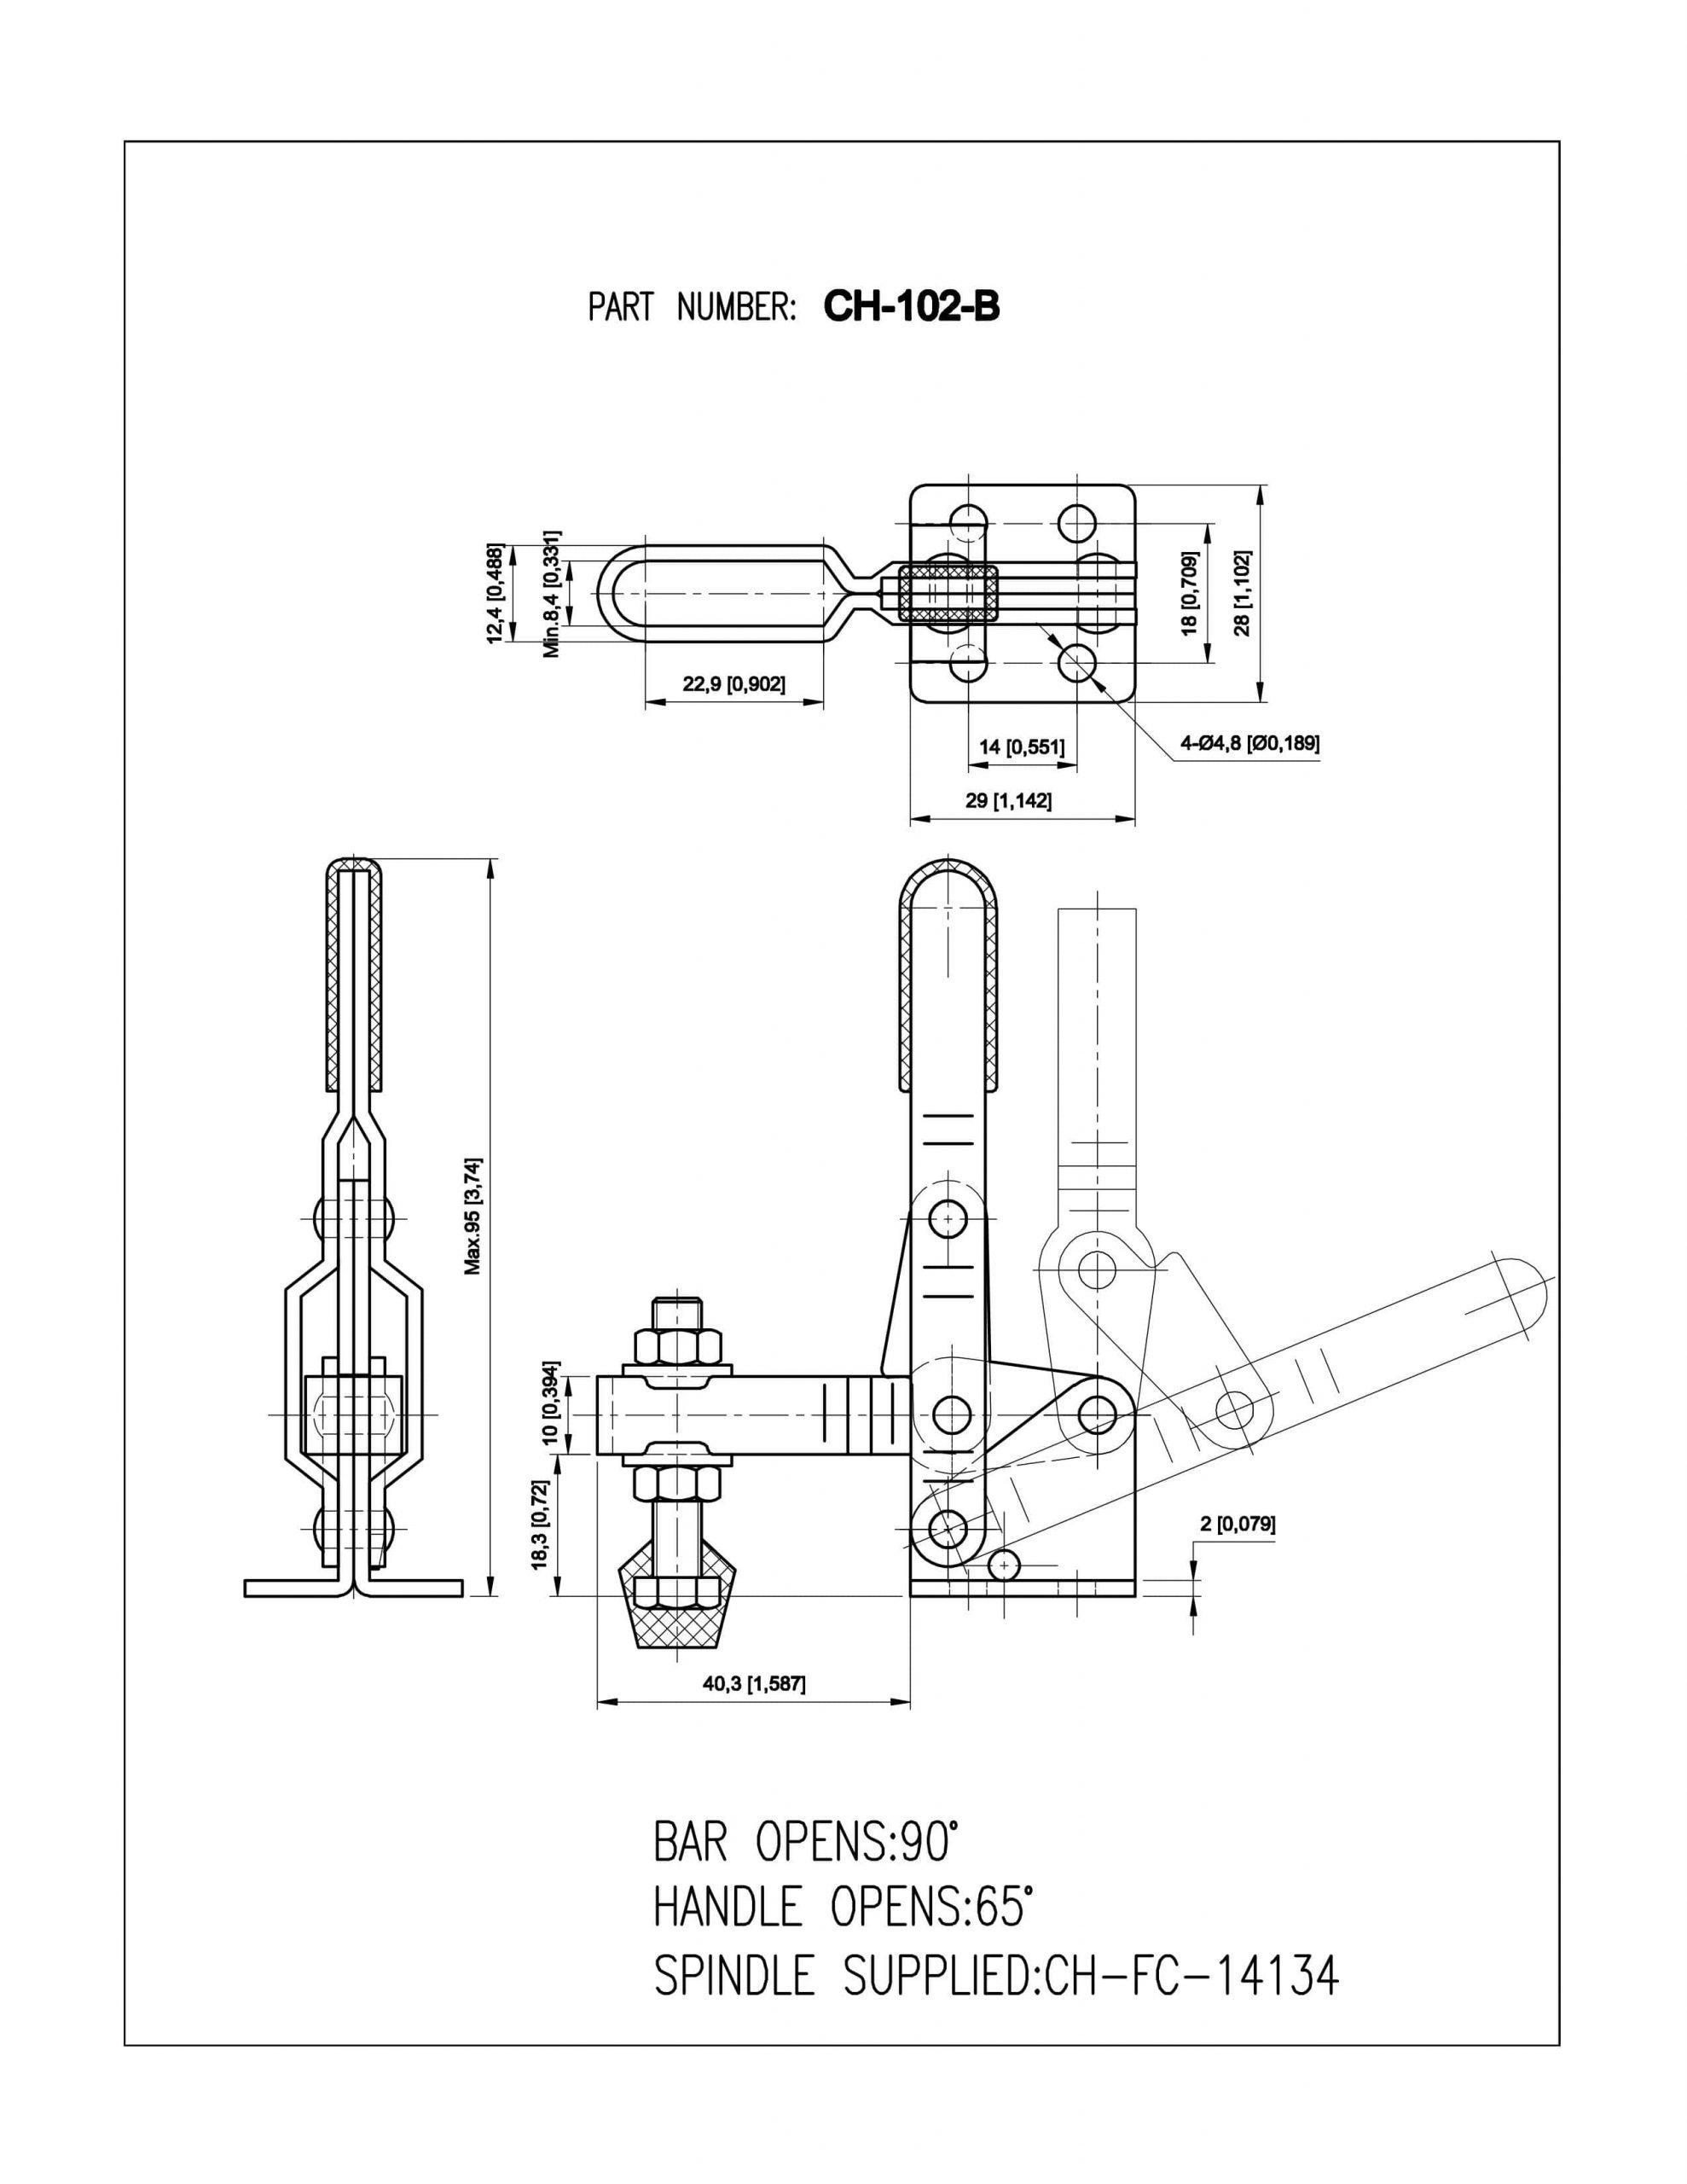 فروش کلمپ دسته عمودی CH-102-B